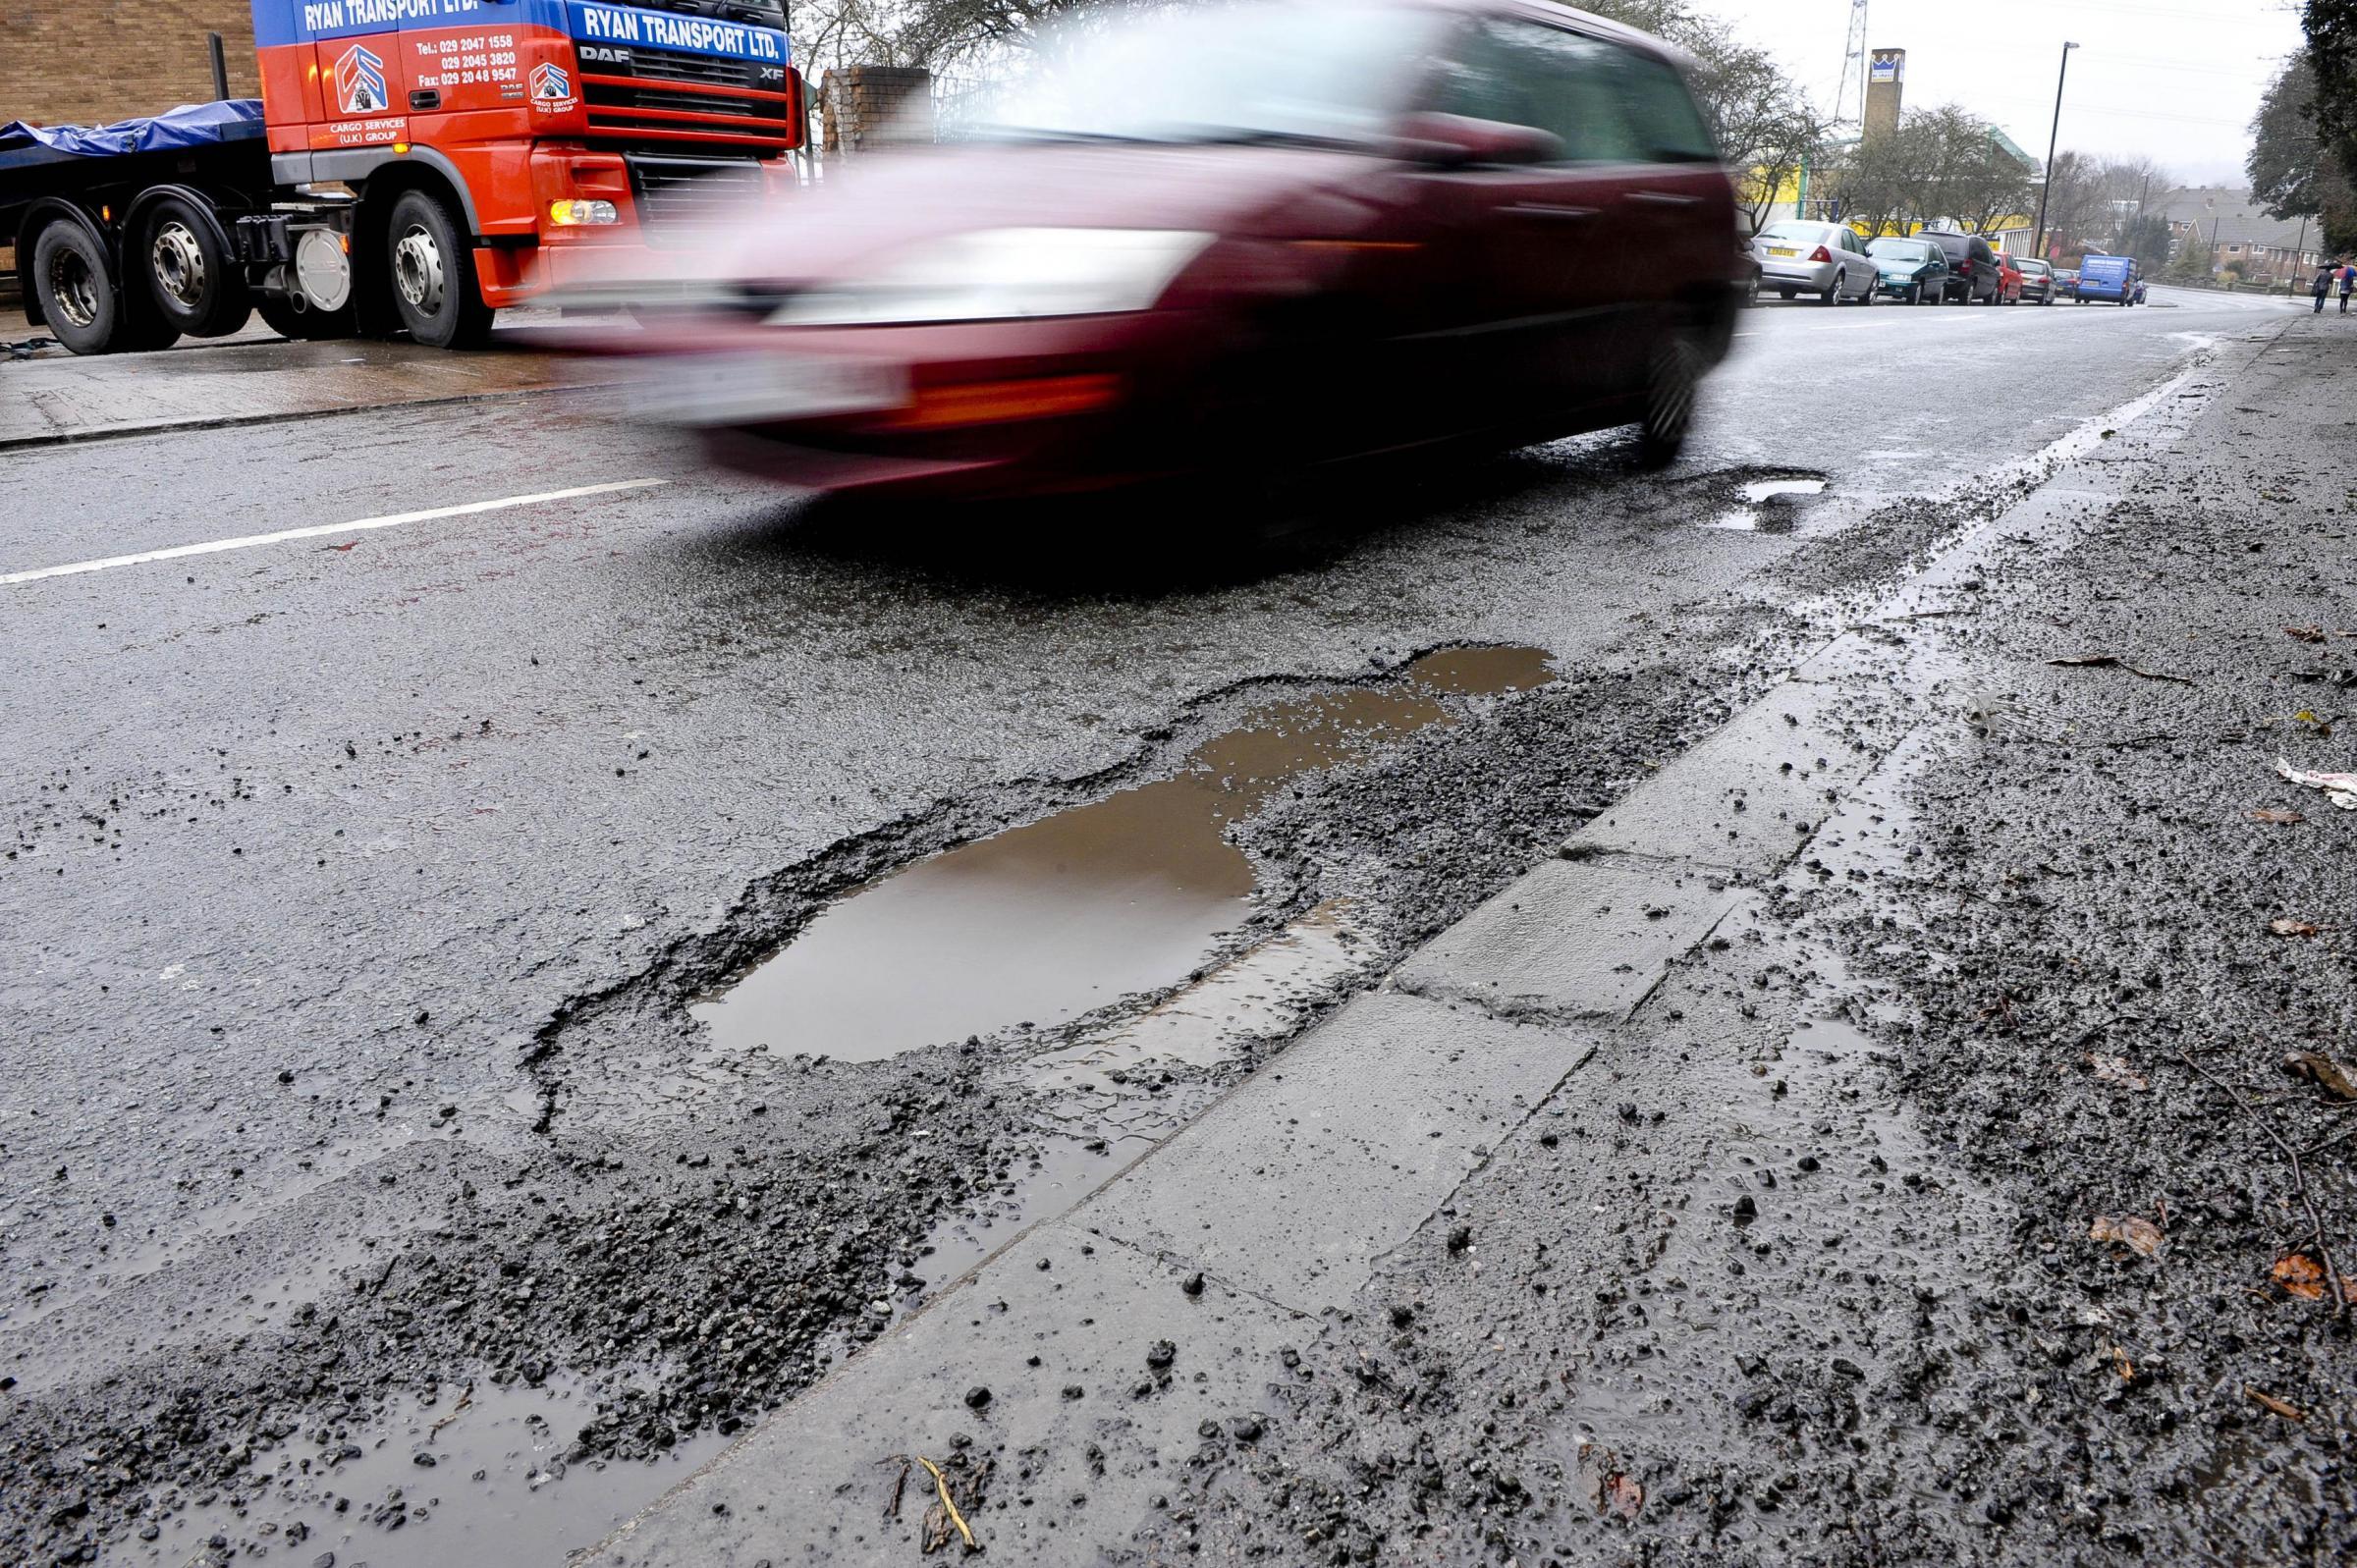 Croydon is London's worst borough for pothole complaints - Croydon